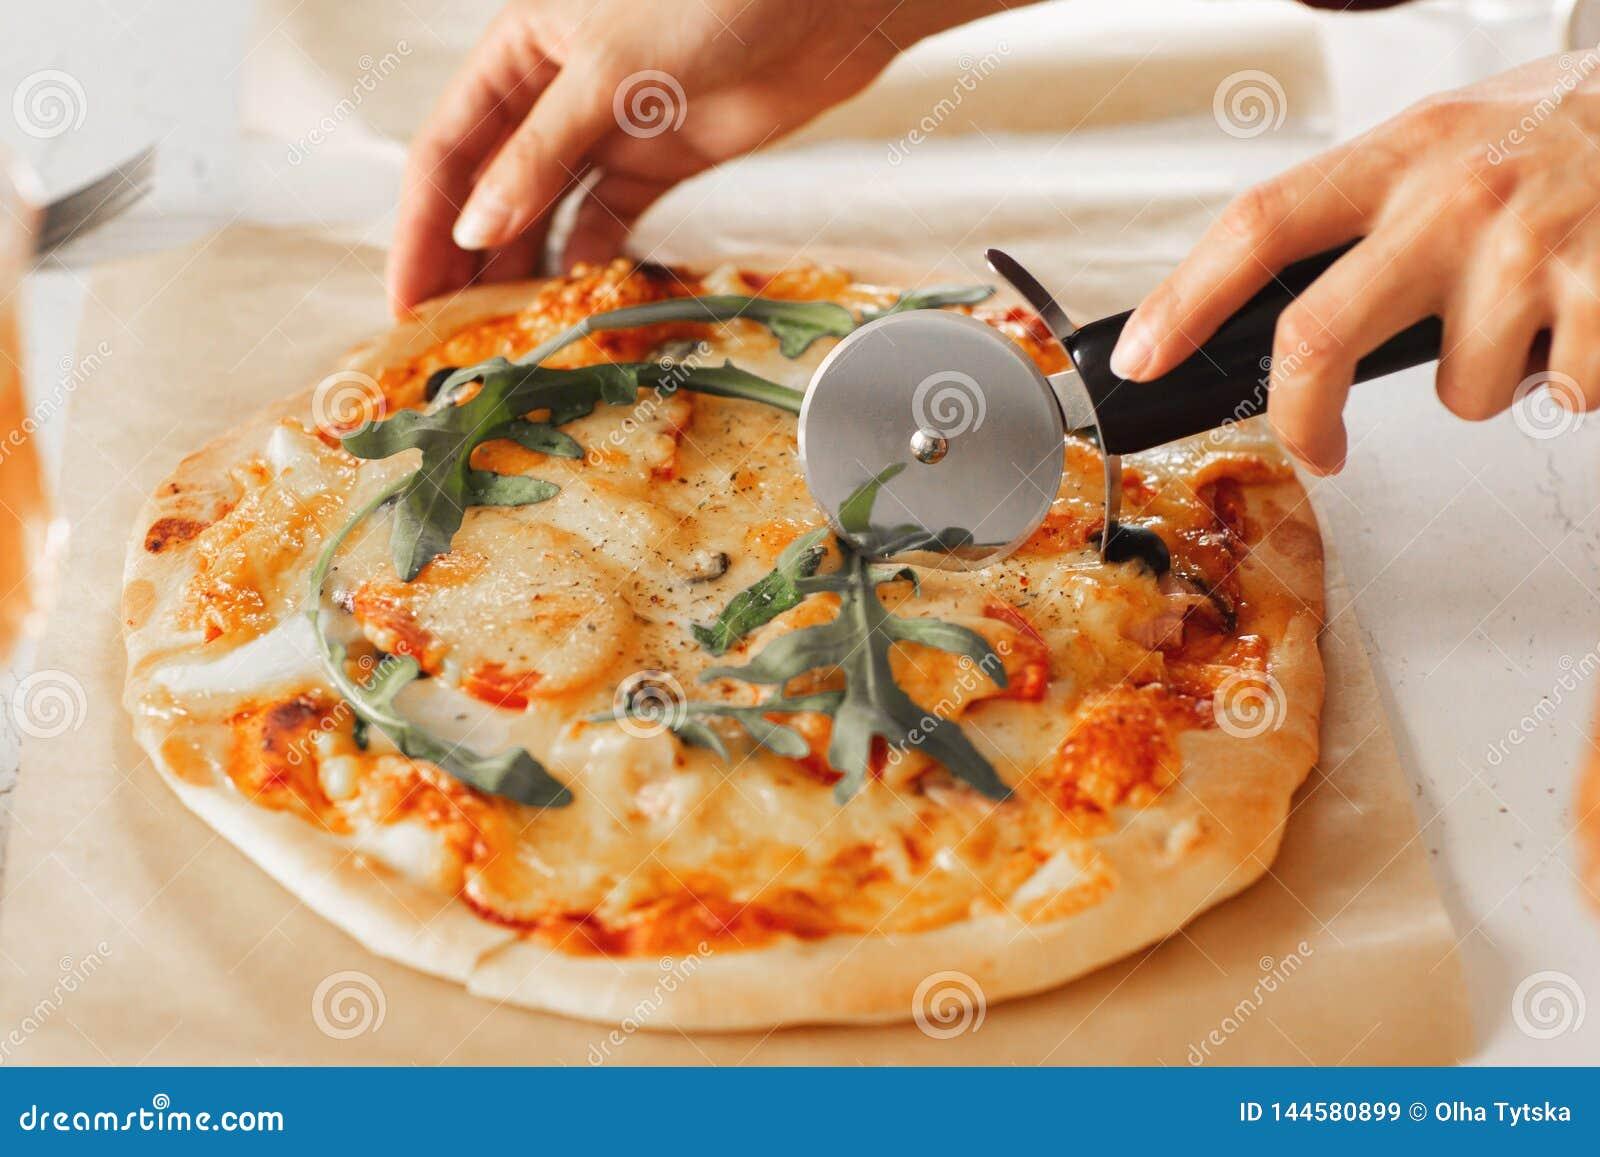 Kvinnans hand med en kniv klippte pizza på den vita bakgrundsnärbilden